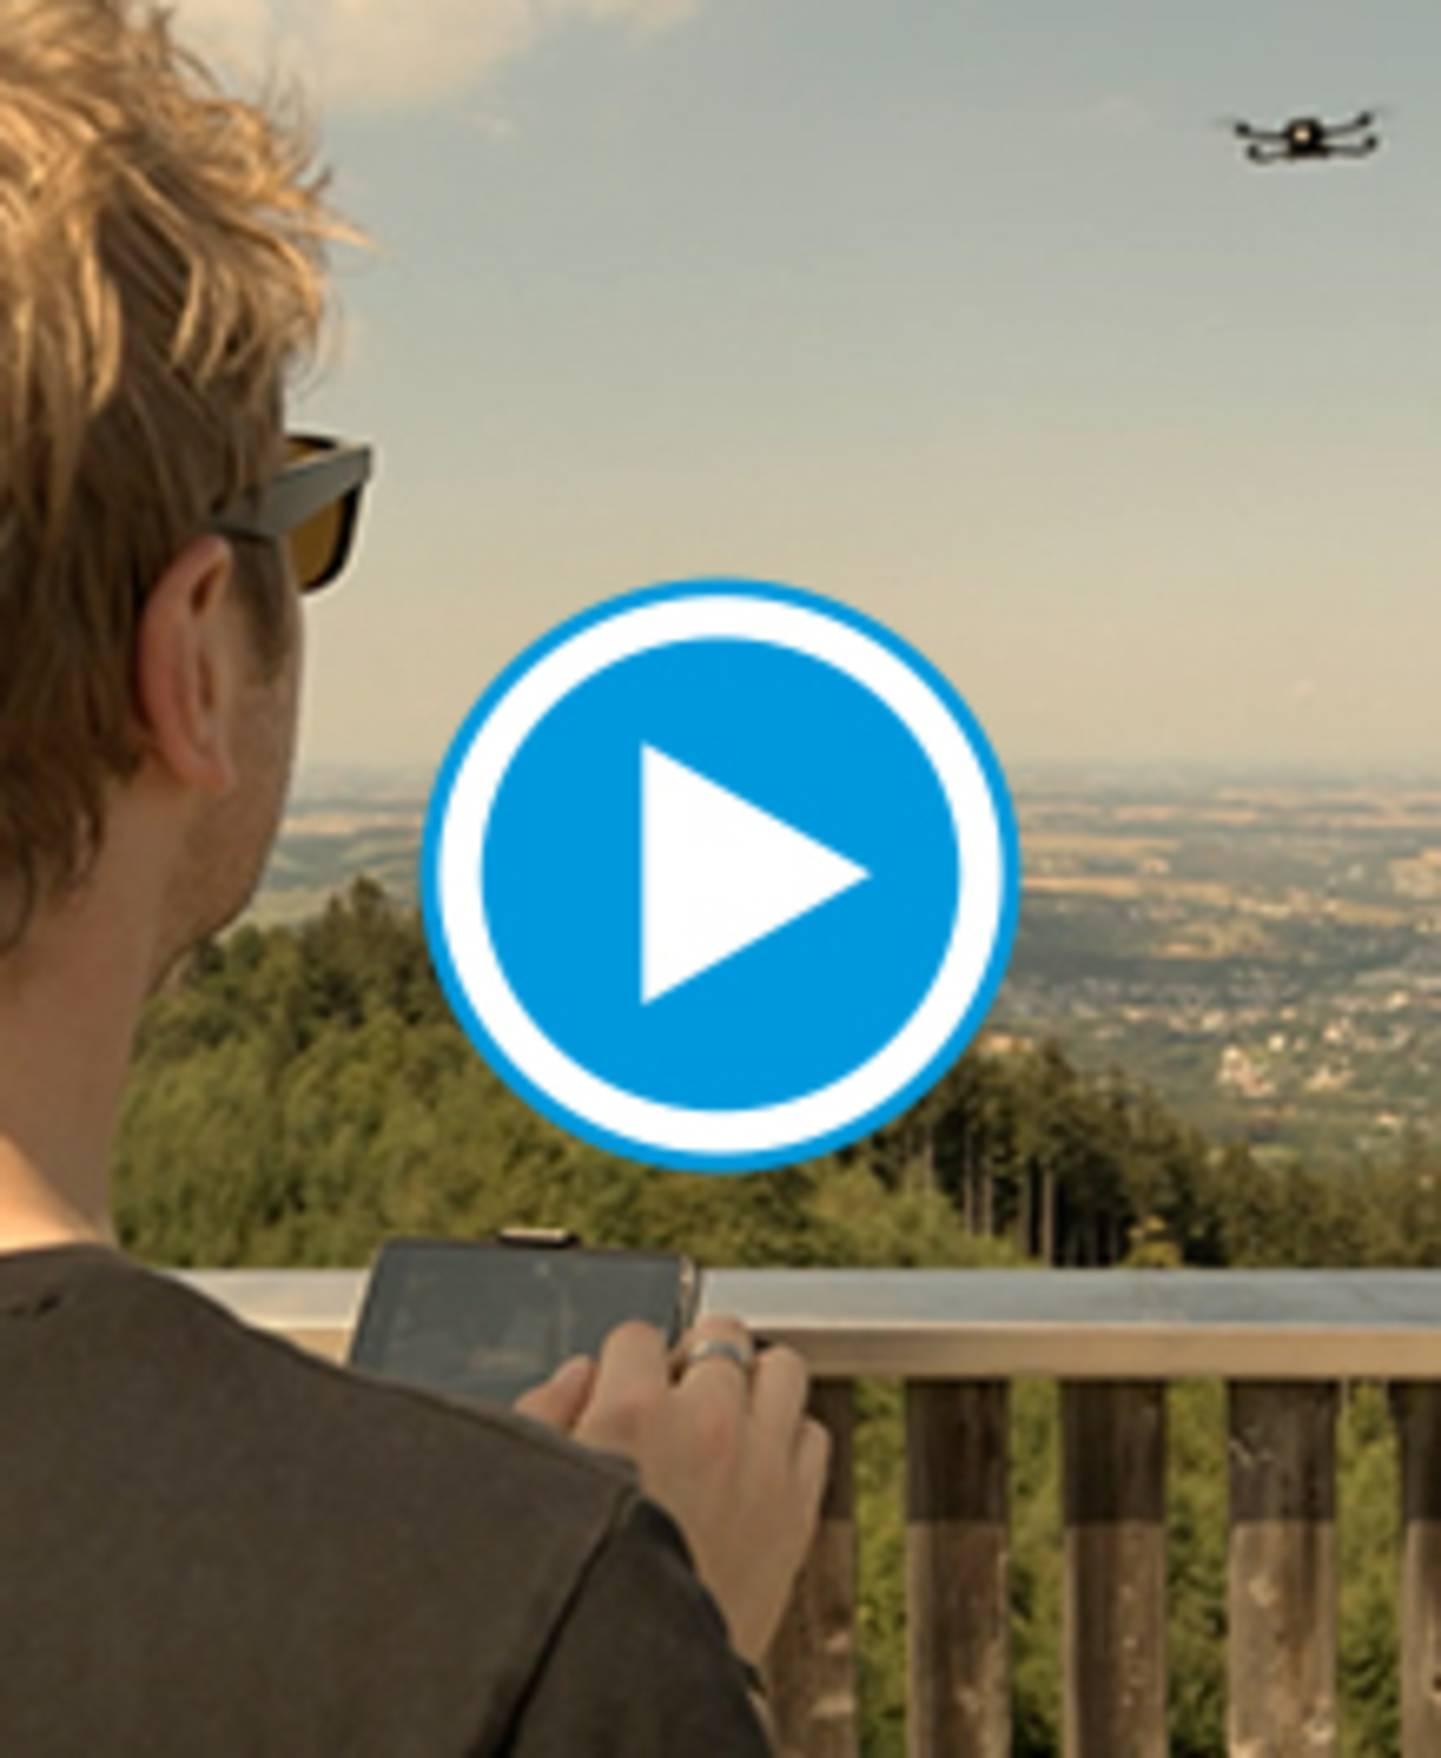 MantisQ - Drone pliable avec caméra et commande vocale - vidéo reconnaissance faciale